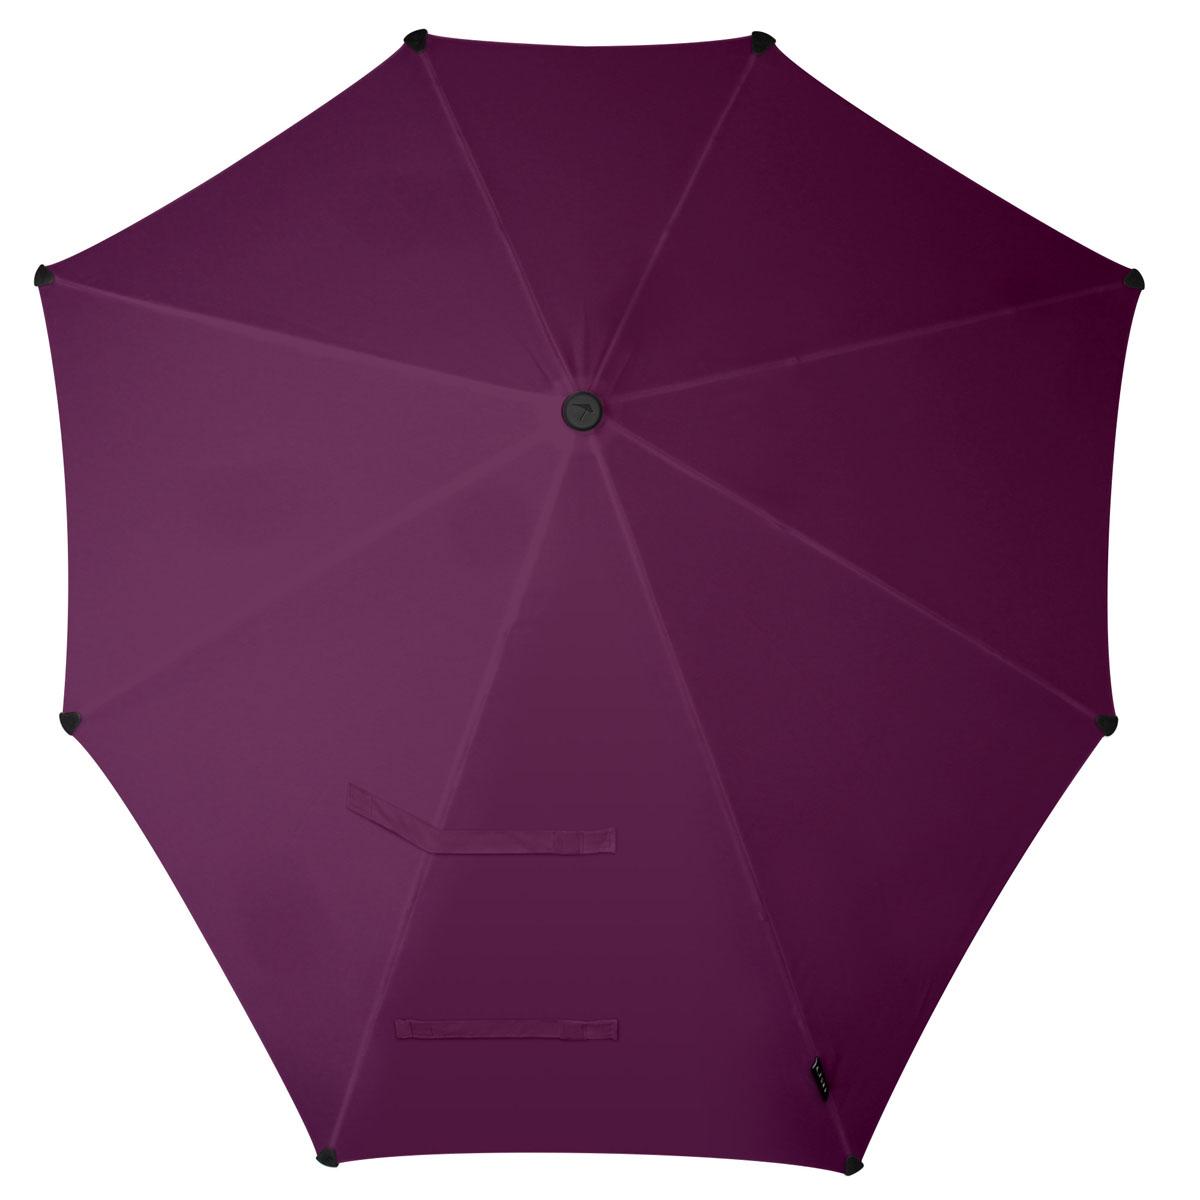 Зонт-трость Senz, цвет: фиолетовый. 201107045100095/32793/3500NИнновационный противоштормовый зонт-трость, выдерживающий любую непогоду. Входит в коллекцию urban breeze, разработанную в соответствии с современными течениями fashion-индустрии. Зонт Senz отлично дополнит образ, подчеркнет индивидуальность и вкус своего обладателя.Форма купола продумана так, что вы легко найдете самое удобное положение на ветру – без паники и без борьбы со стихией. Закрывает спину от дождя. Благодаря своей усовершенствованной конструкции, зонт не выворачивается наизнанку даже при сильном ветре. Модель Senz Original выдержала испытания в аэротрубе со скоростью ветра 100 км/ч. Характеристики:- тип — трость- выдерживает порывы ветра до 100 км/ч- УФ-защита 50+- удобная мягкая ручка- безопасные колпачки на кончиках спицах- в комплекте прочный чехол из плотной ткани с лямкой на плечо - гарантия 2 года